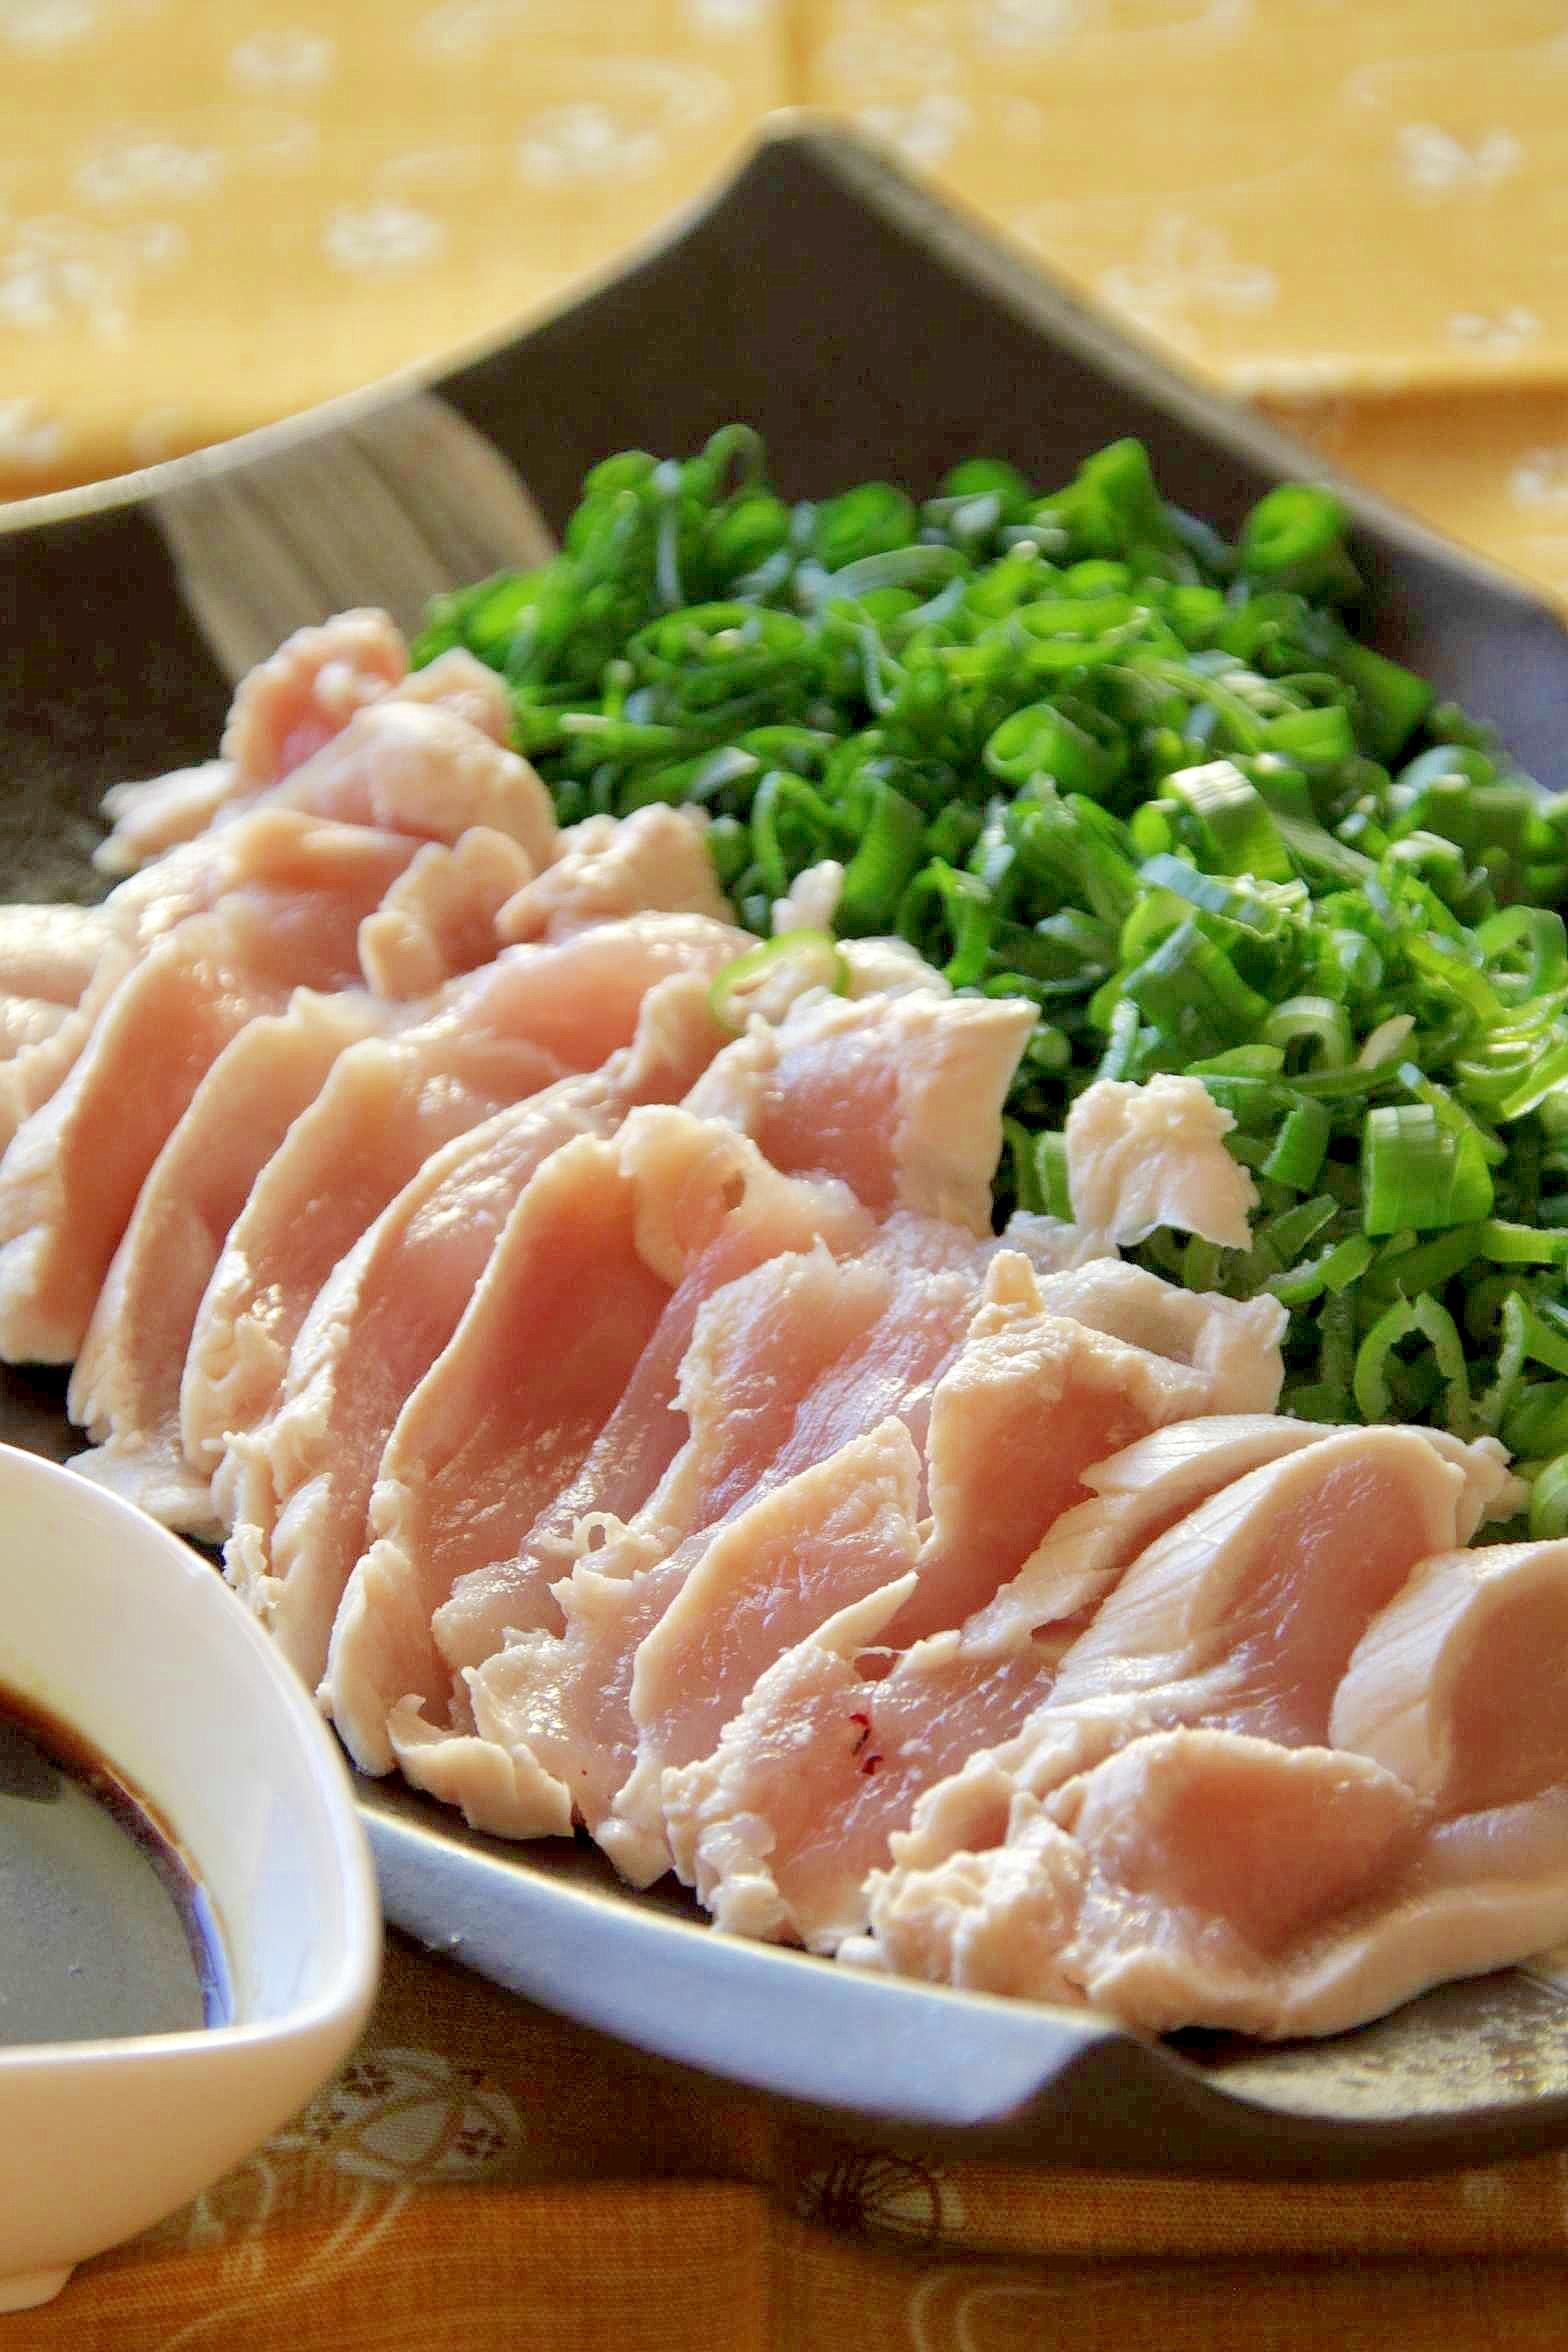 おつまみレシピ『鶏のネギまぶし』